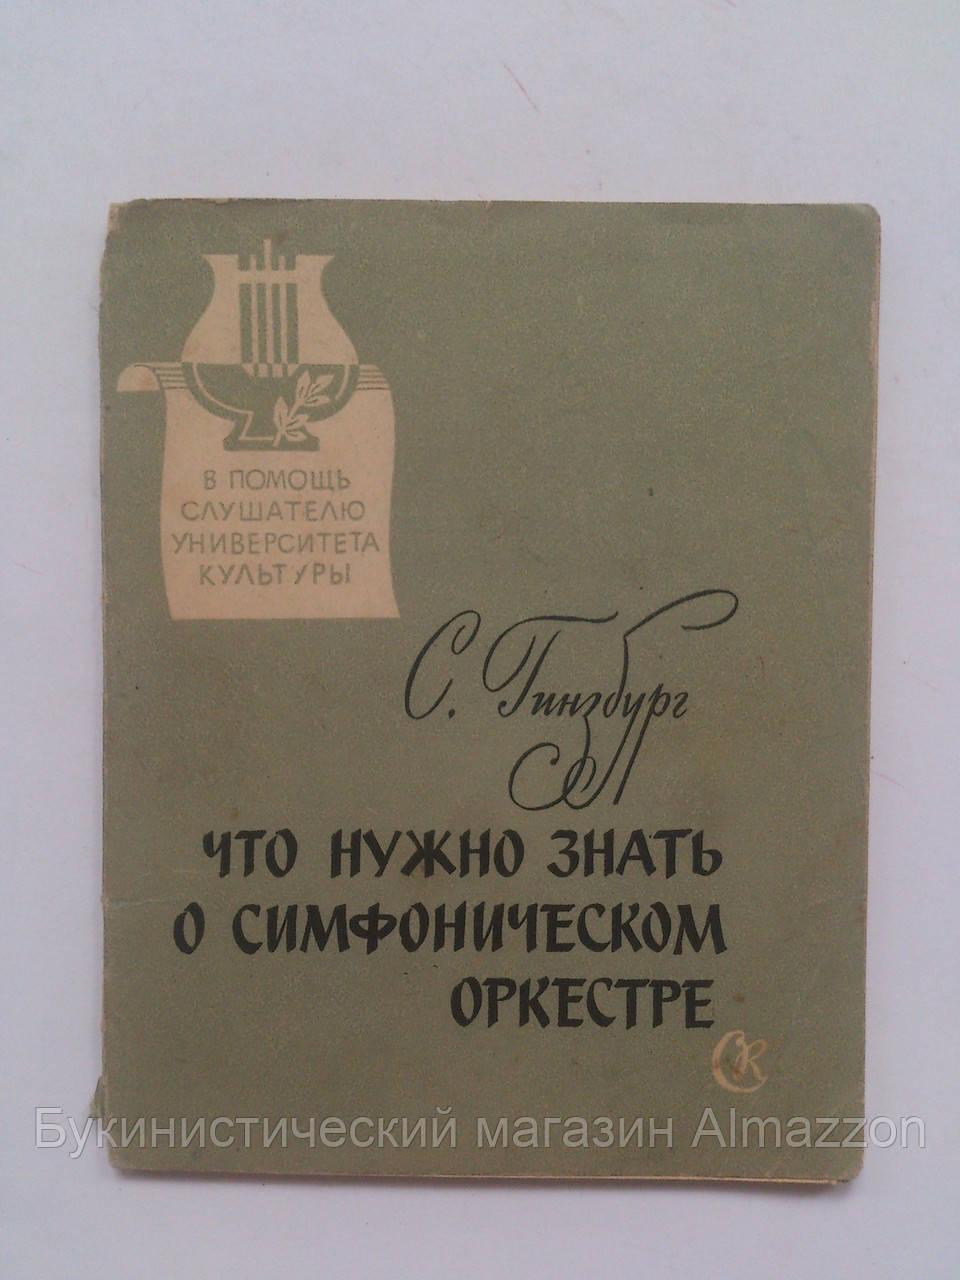 Что нужно знать о симфоническом оркестре С.Гинзбург В помощь слушателю университета культуры 1959 год